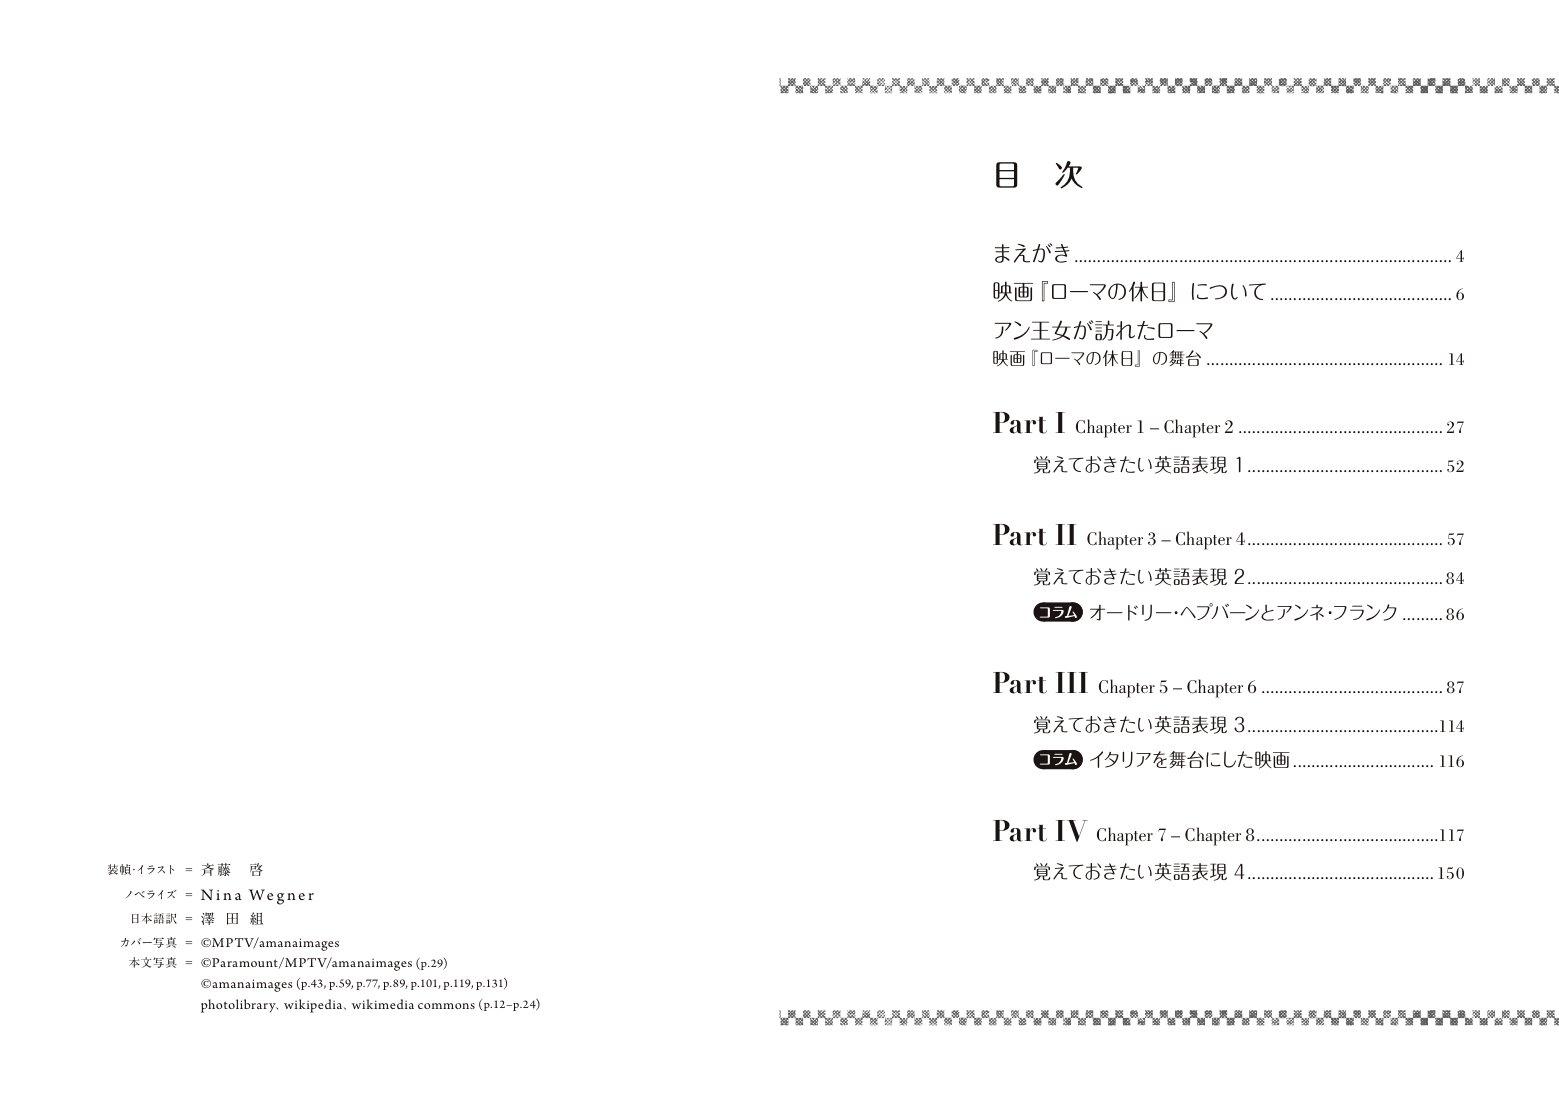 語 ローマ 長音符号つき文字